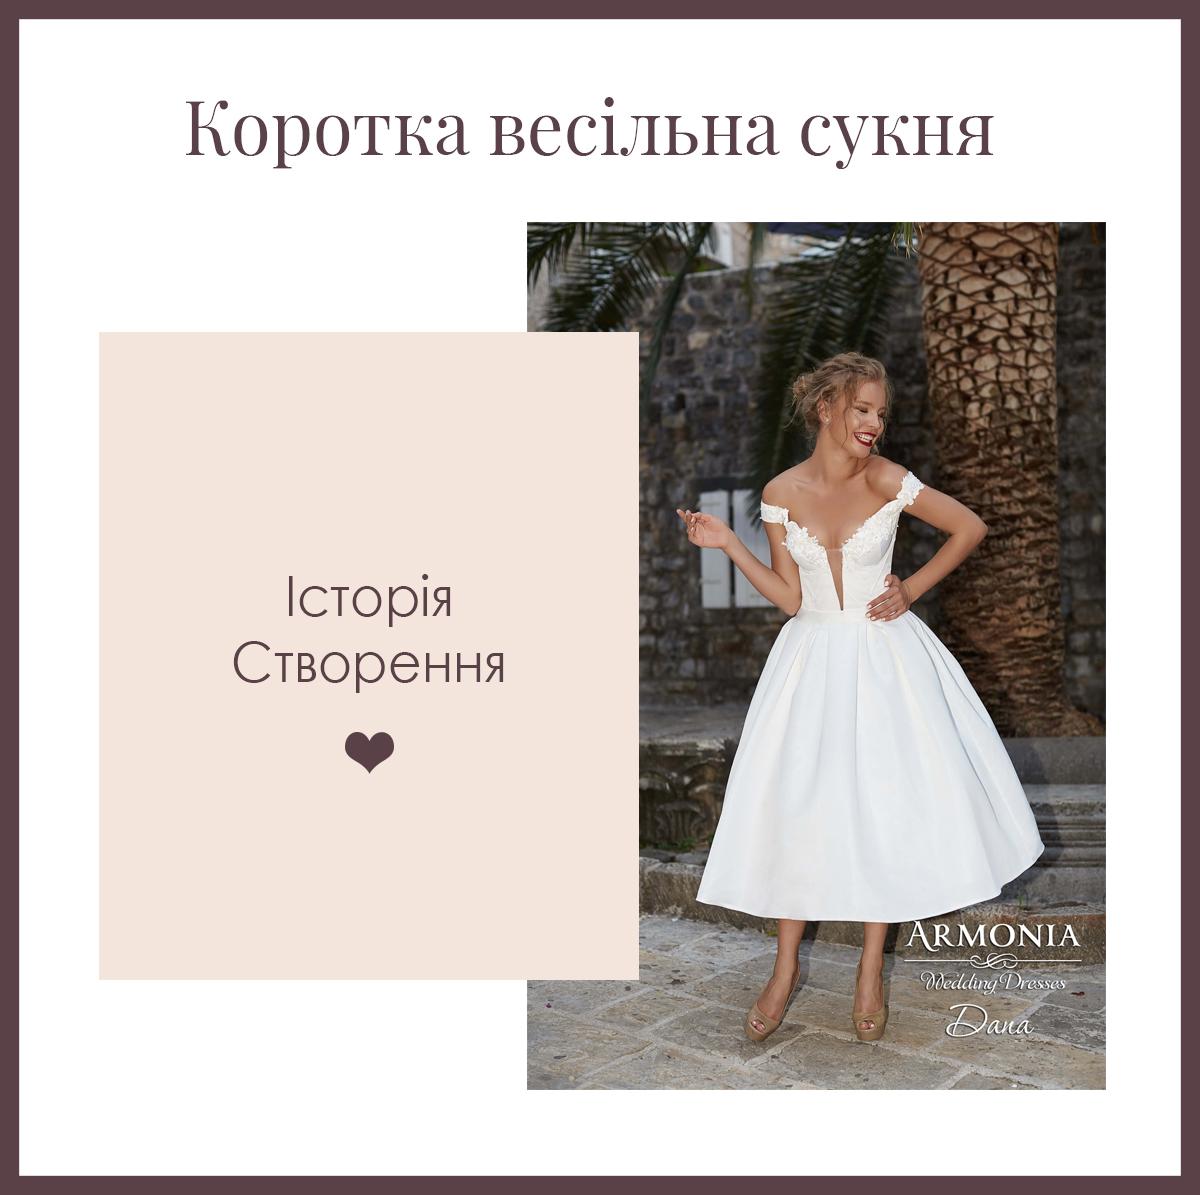 Коротка весільна сукня - Історія створення